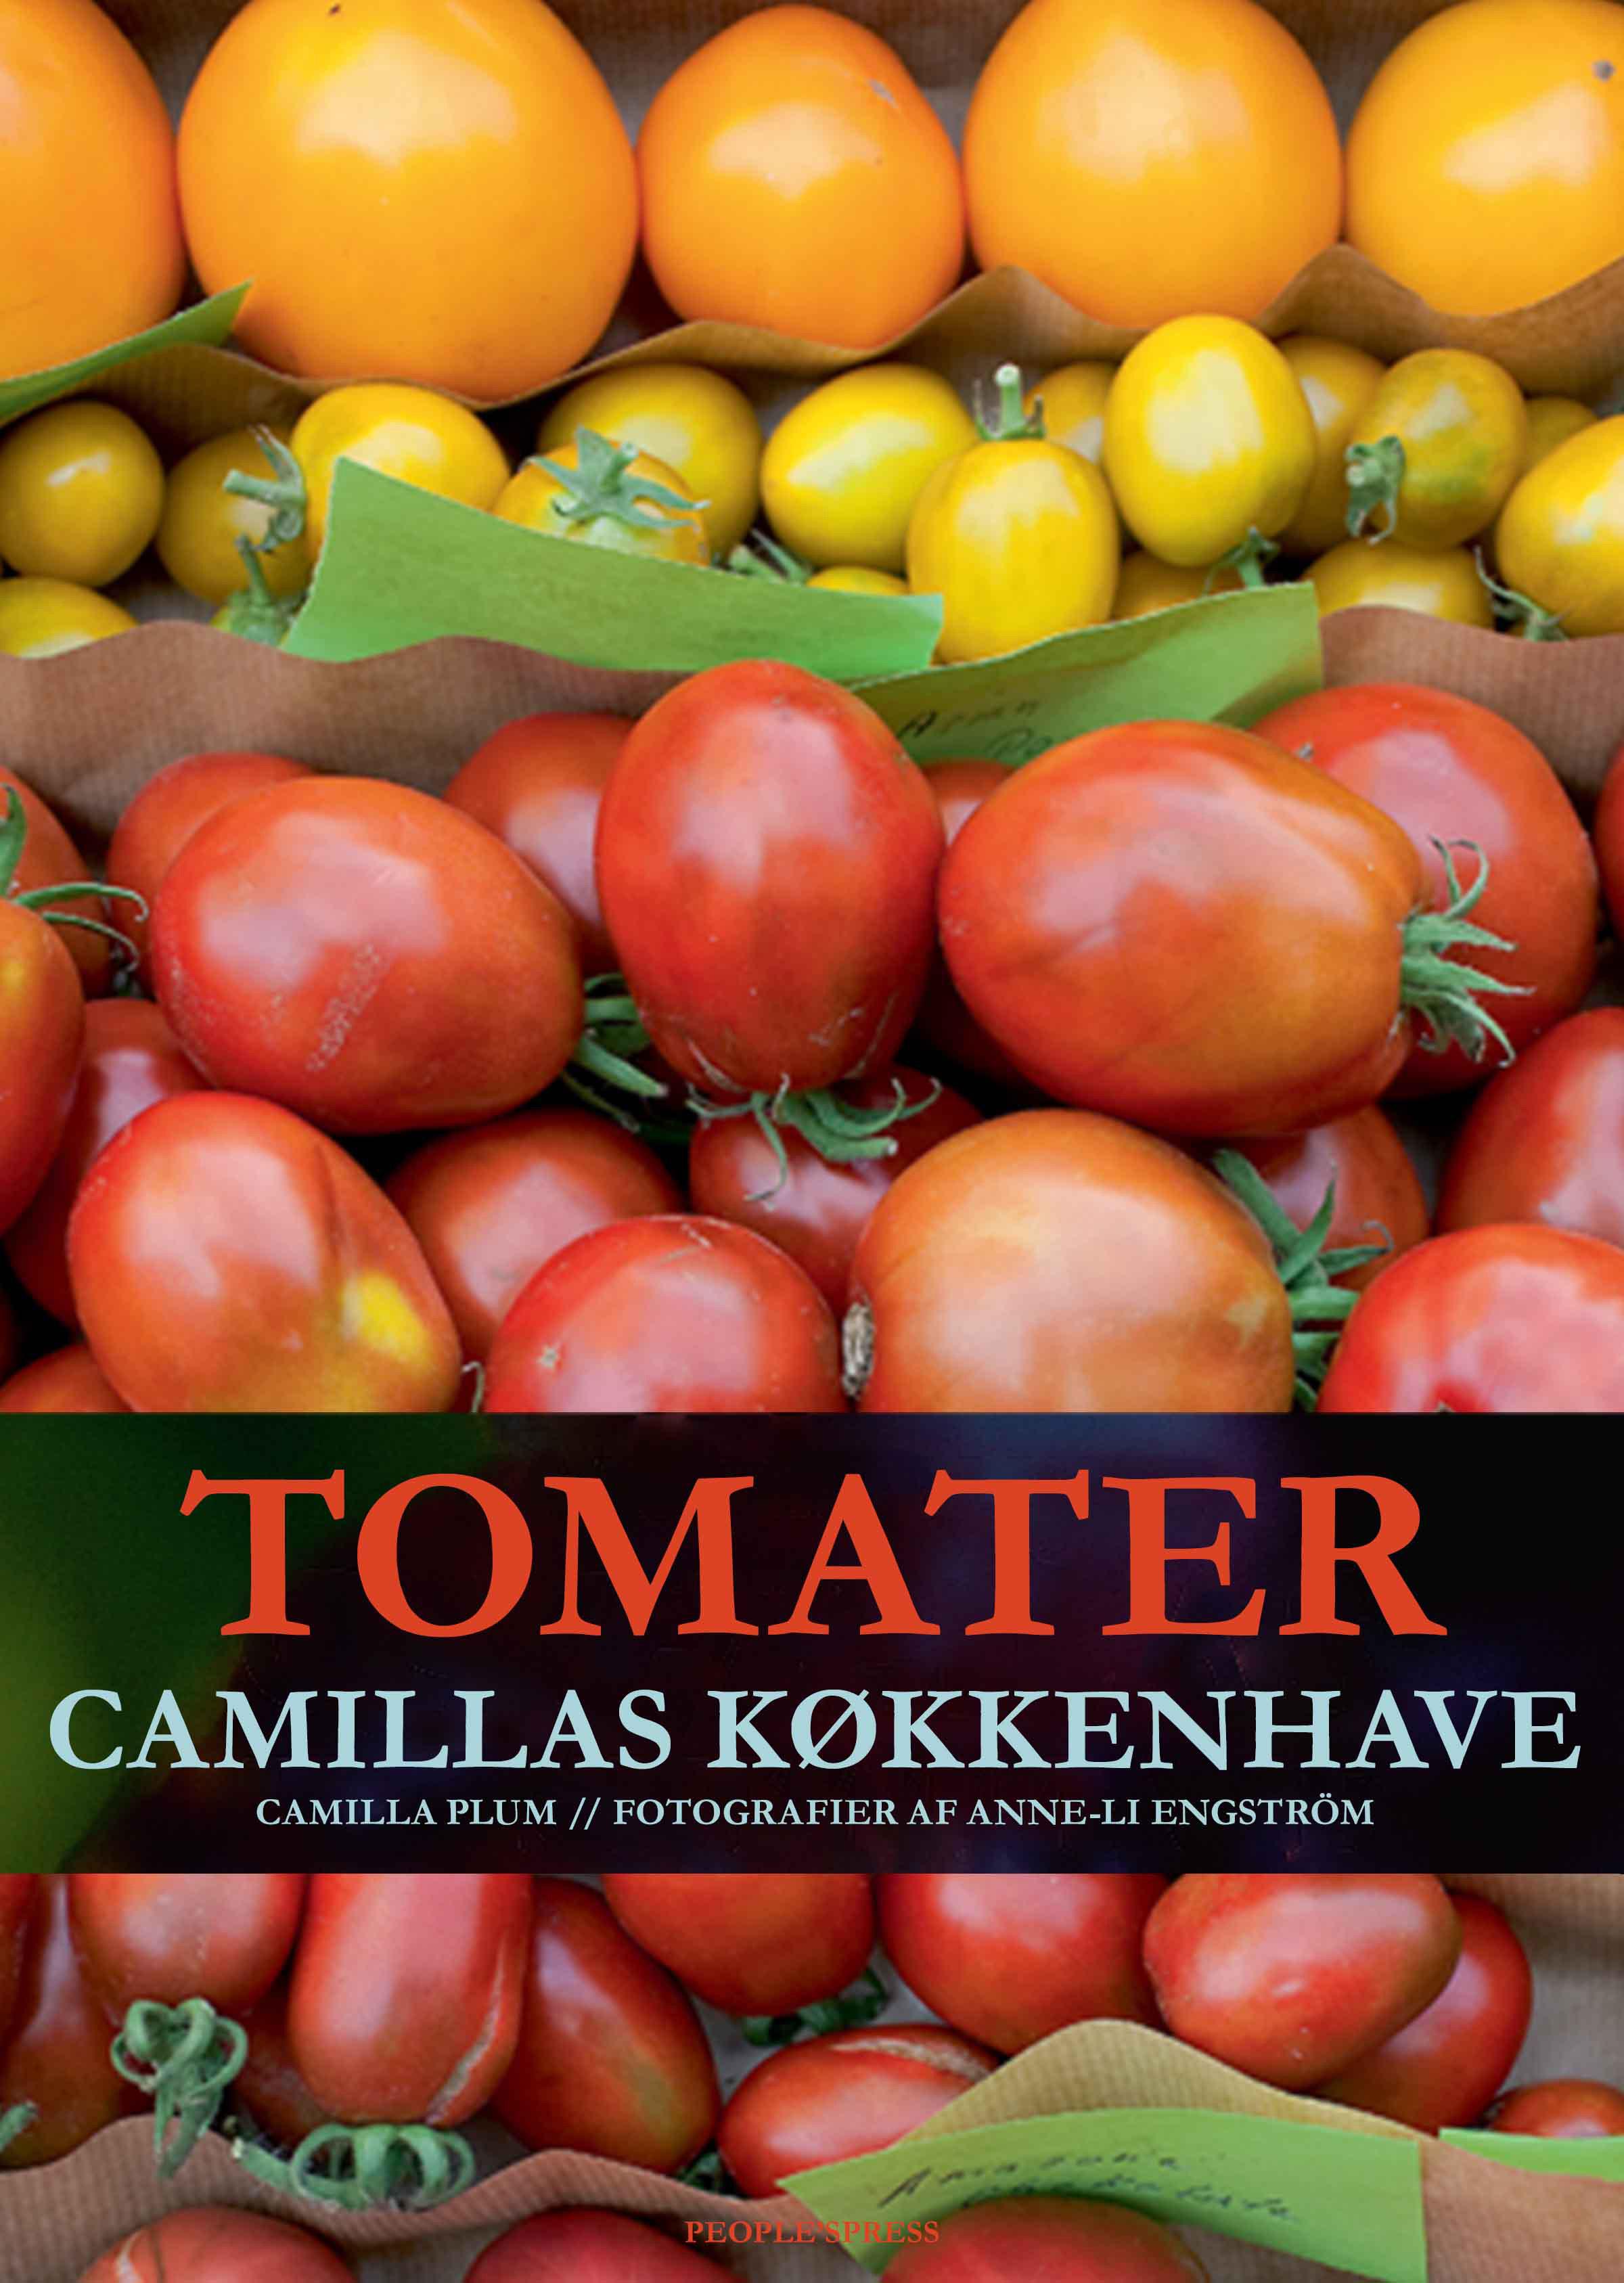 Tomater - camillas køkkenhave - e-bog fra N/A fra bog & mystik